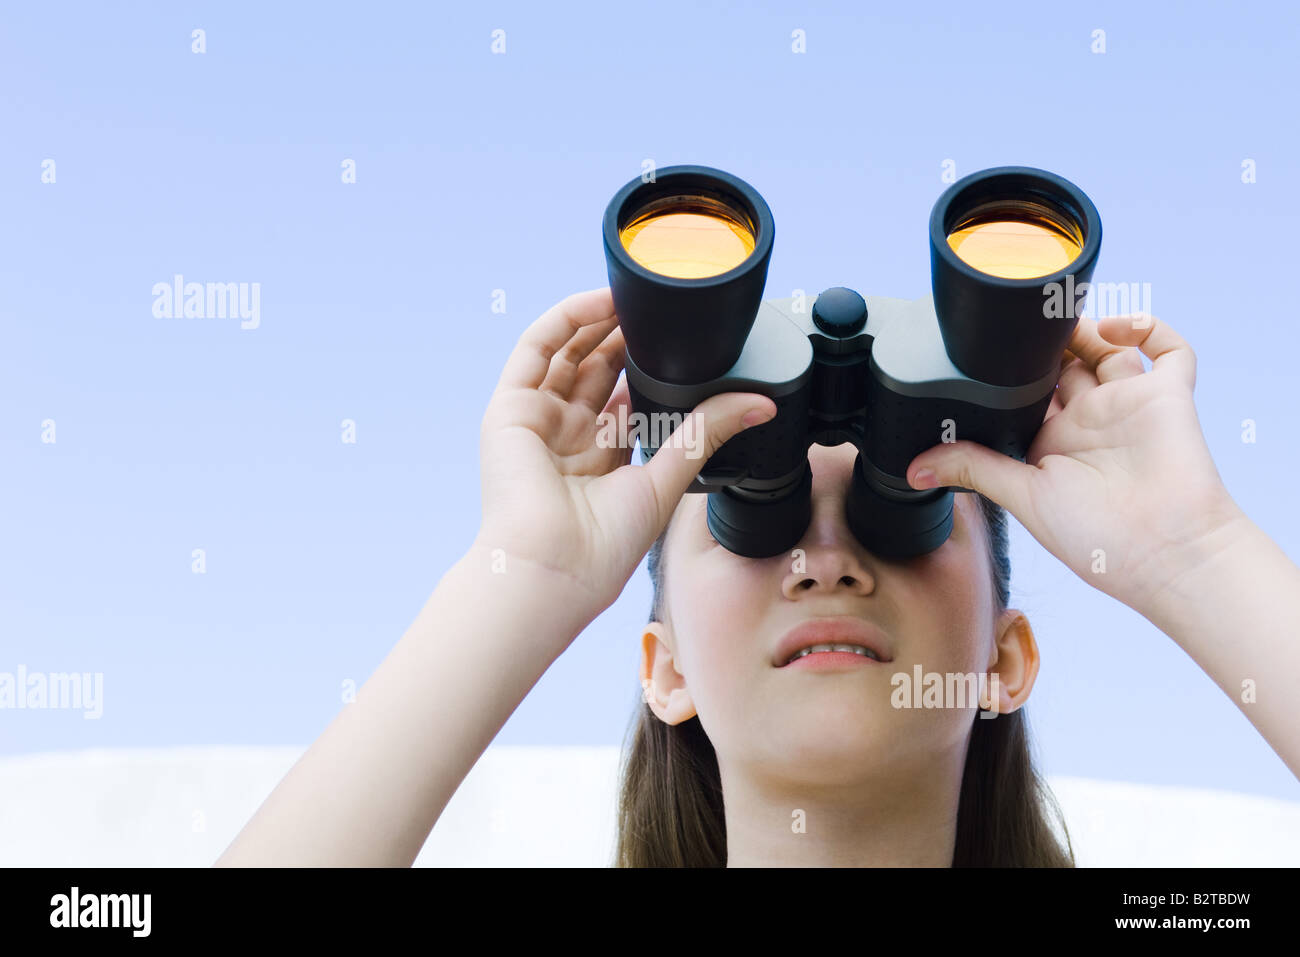 Preteen girl looking up through binoculars - Stock Image